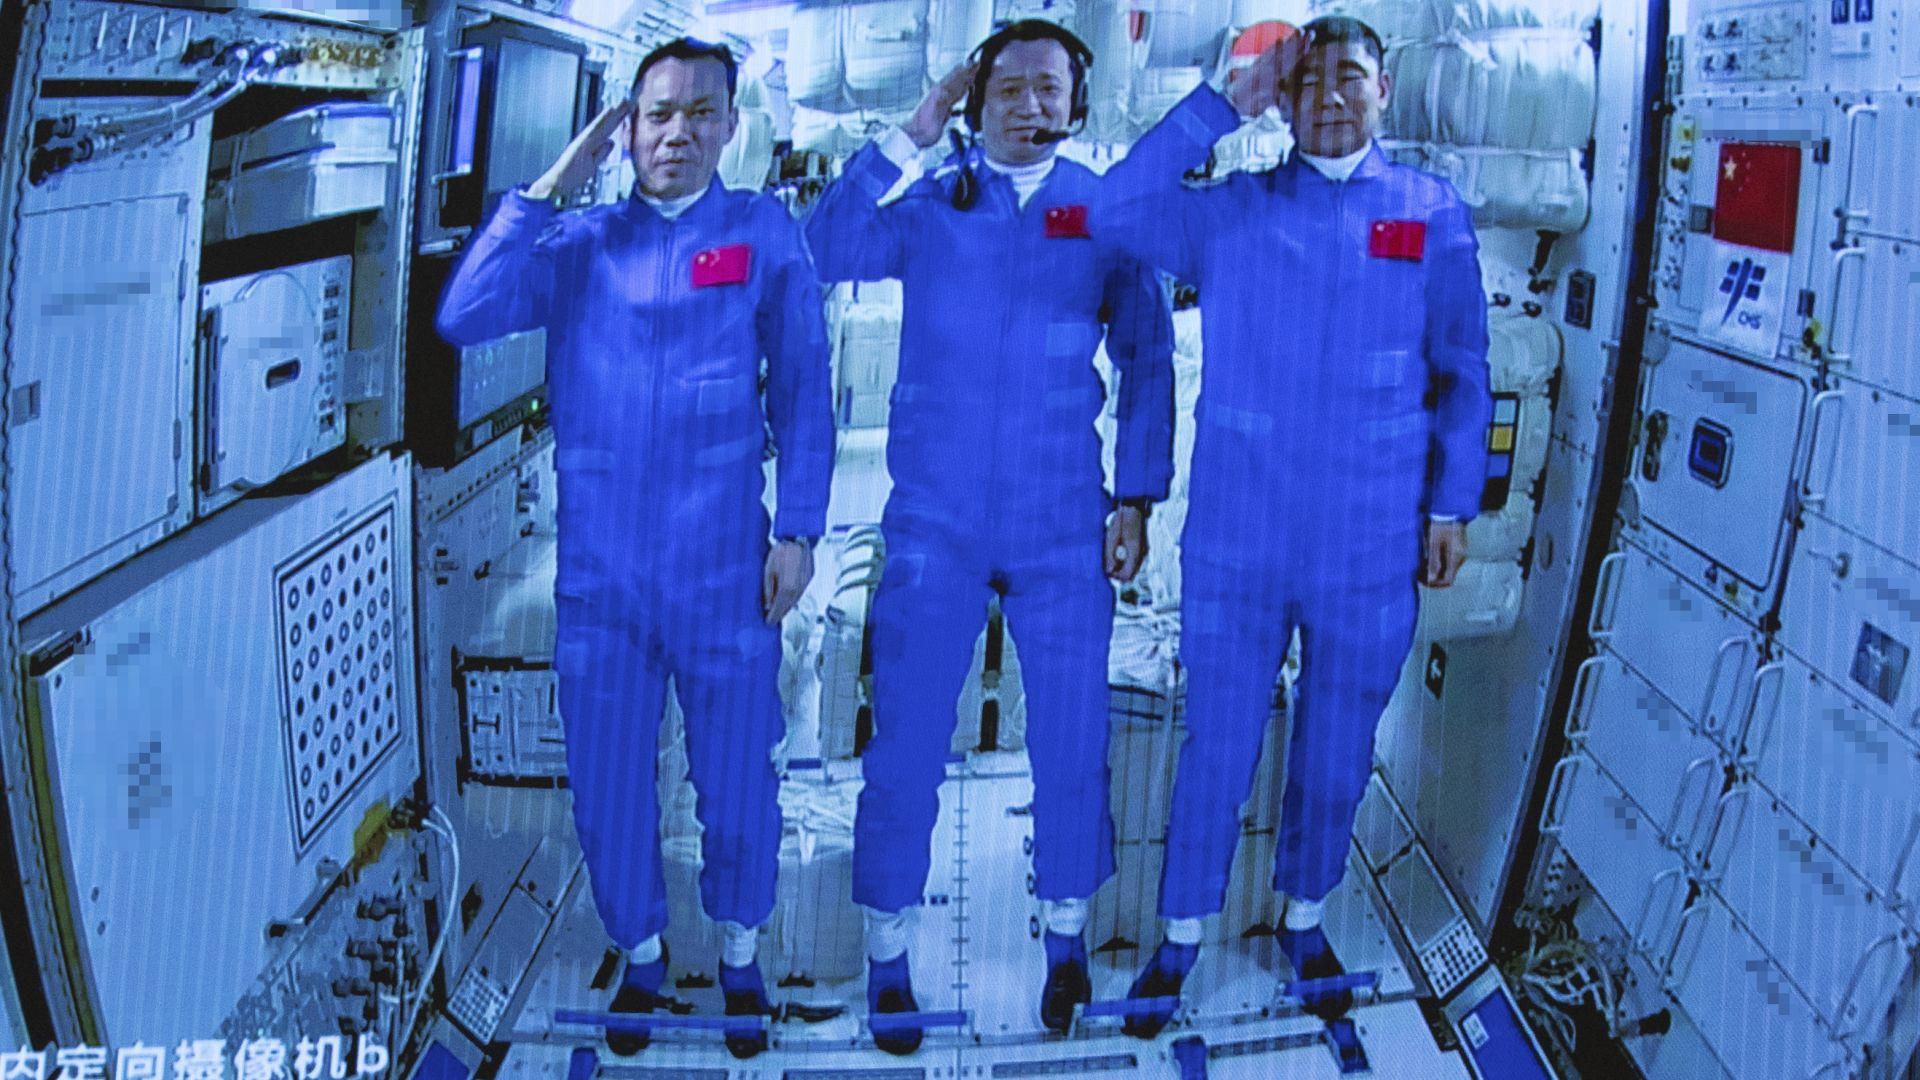 Тайконавтите на борда на Китайската космическа станция